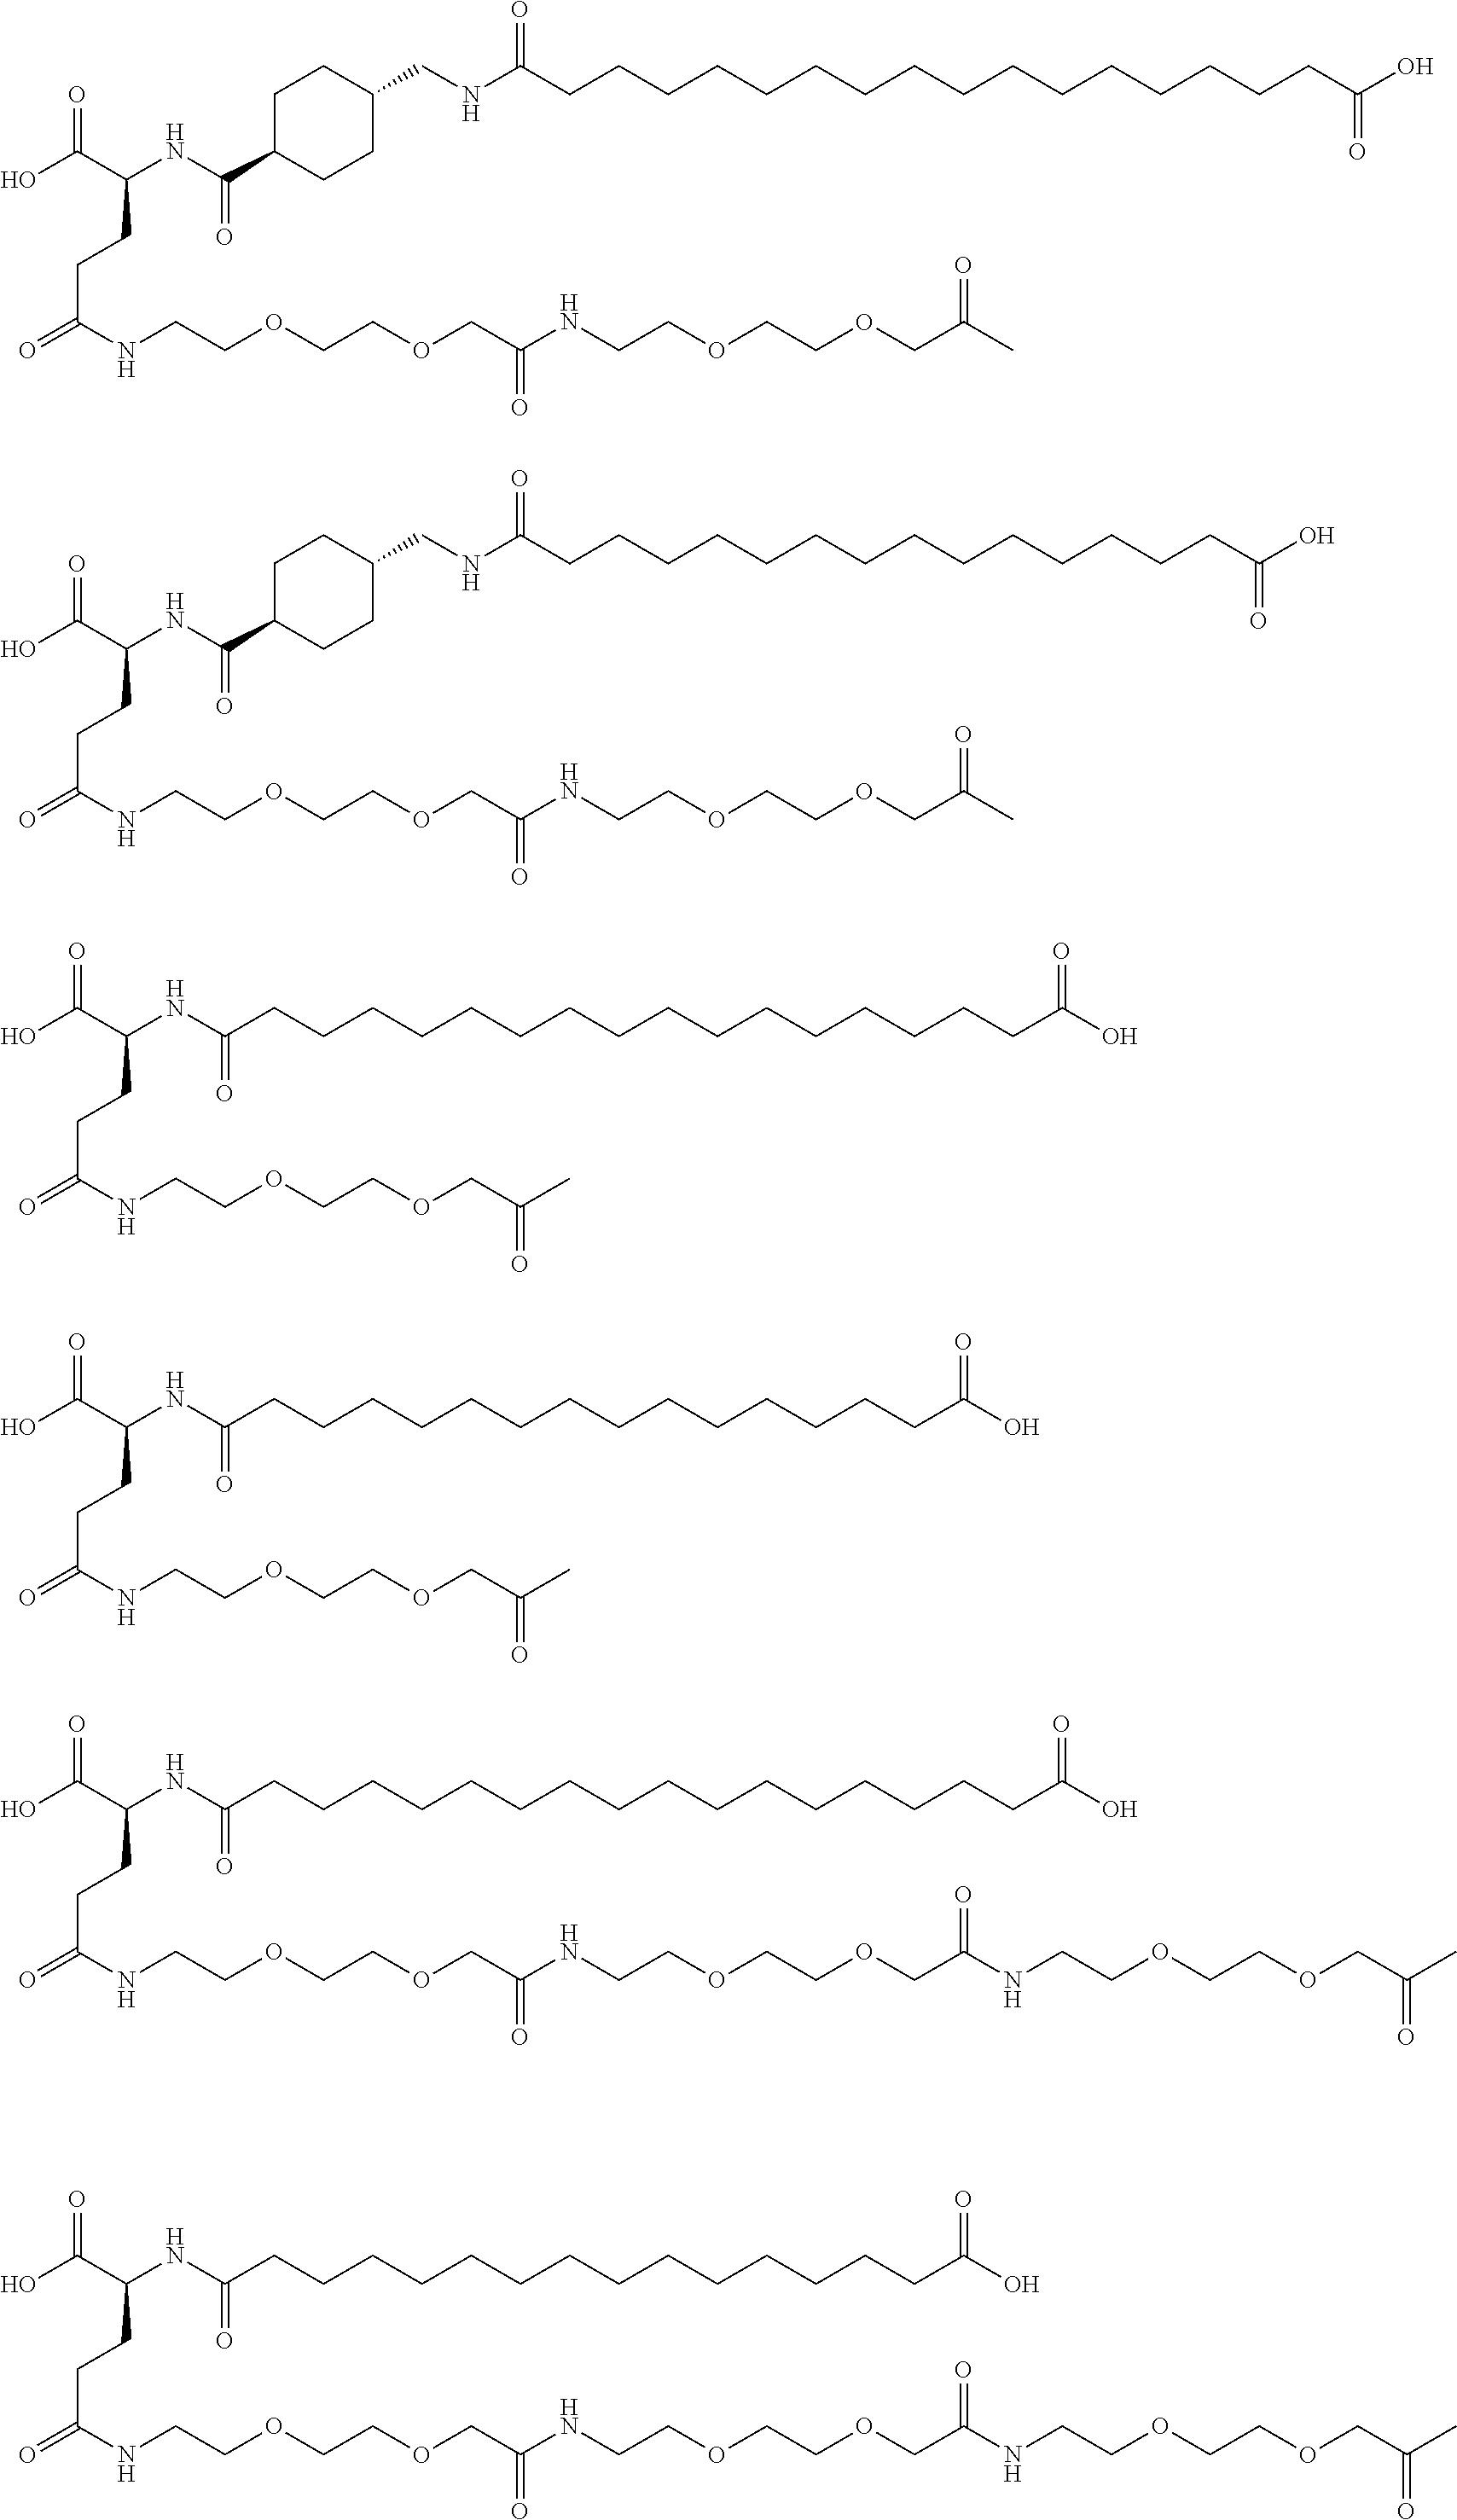 Figure US20180000742A1-20180104-C00008